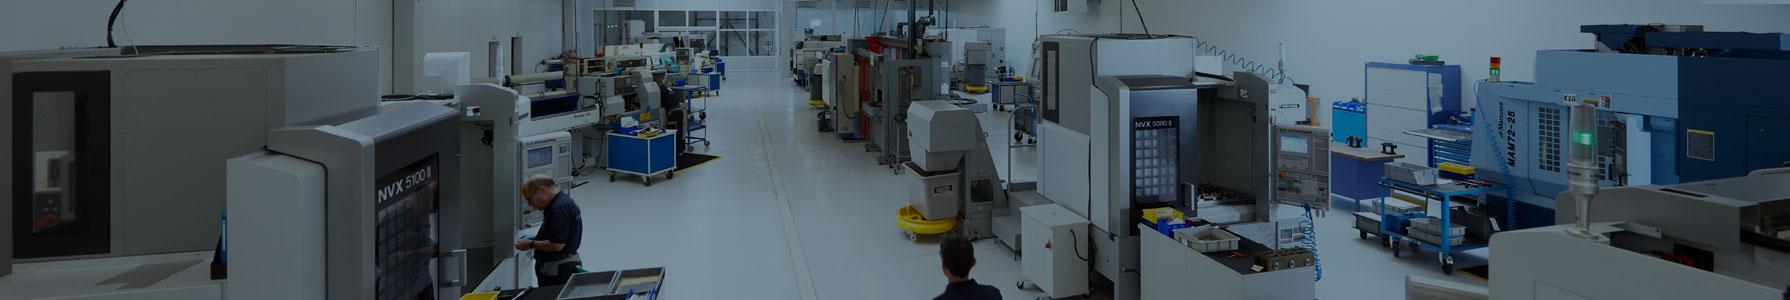 valence, atelier, centres d'usinage, 5 axes, tour multifonction, tour bibroche bitourelle, atelier climatisé